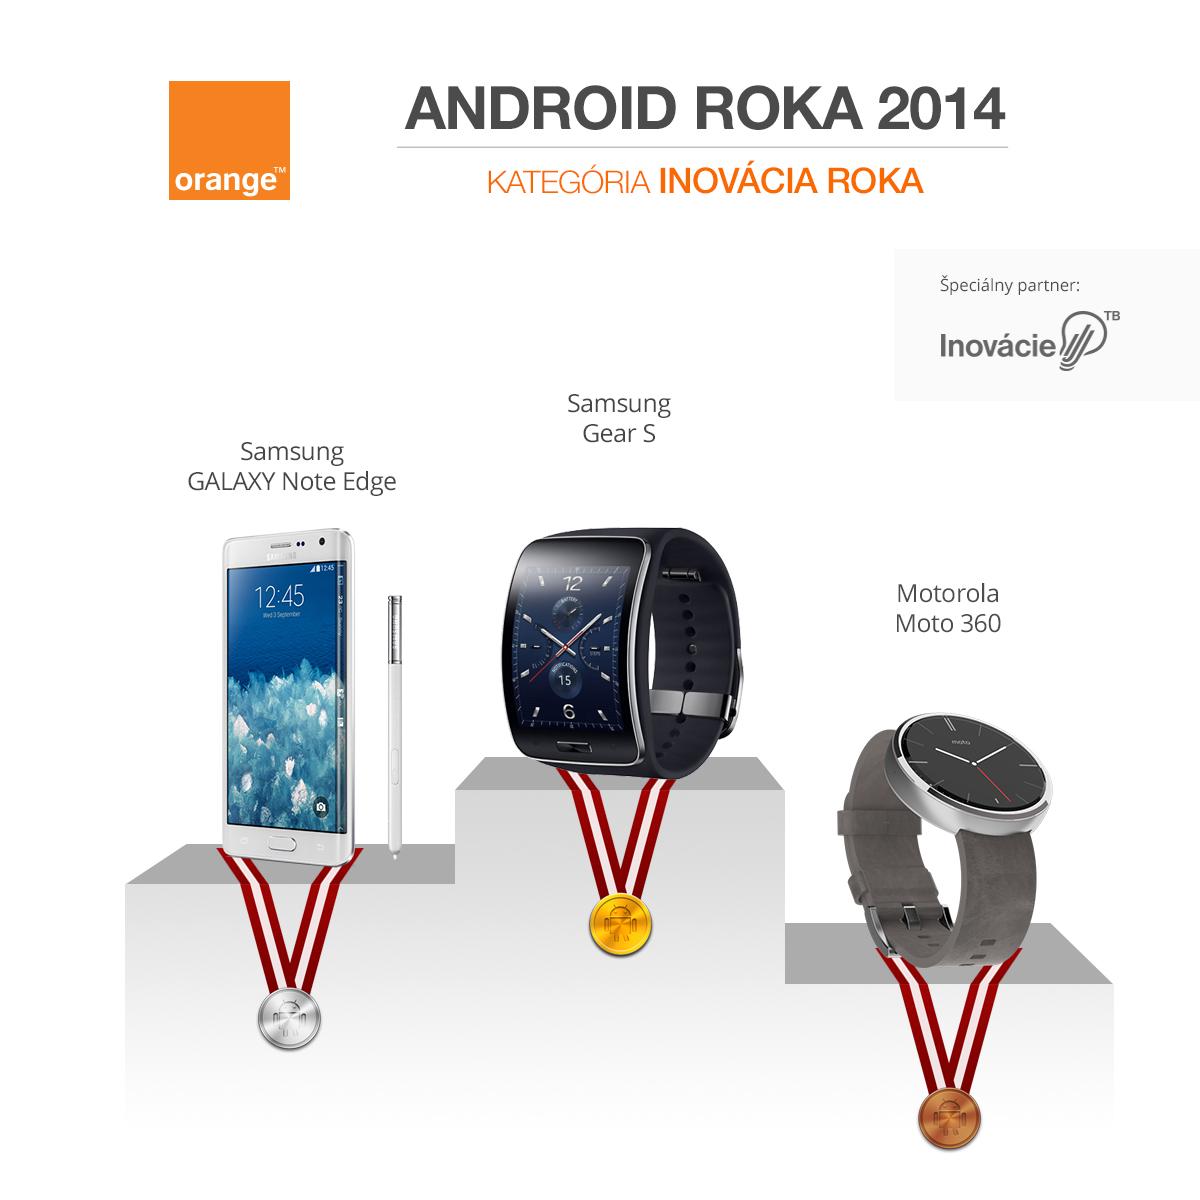 android roka 2014-inovacia